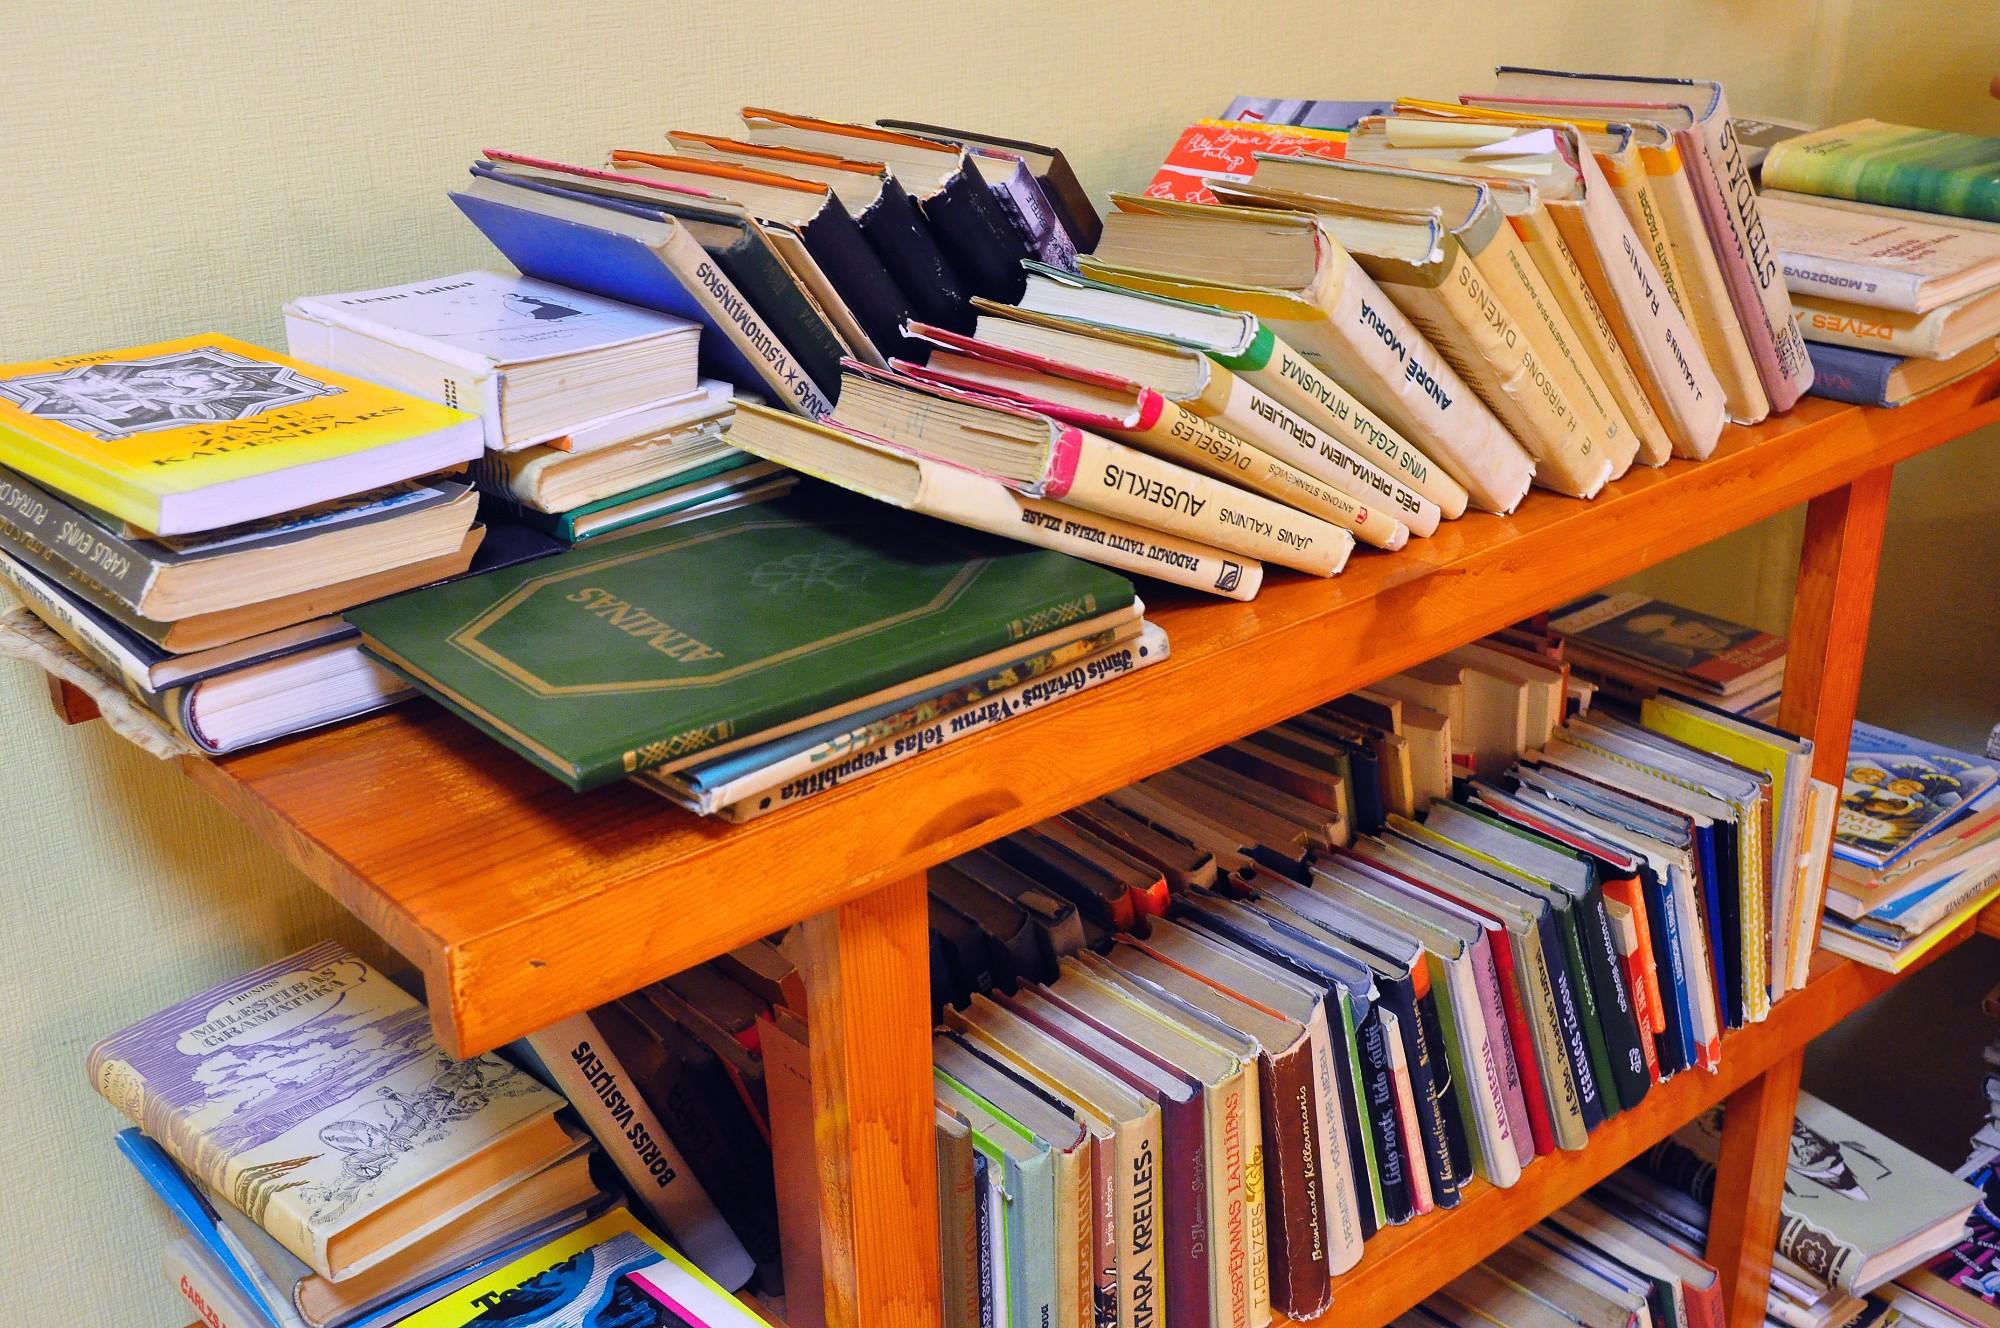 Bibliotēkas vasarā biežāk apmeklē bērni